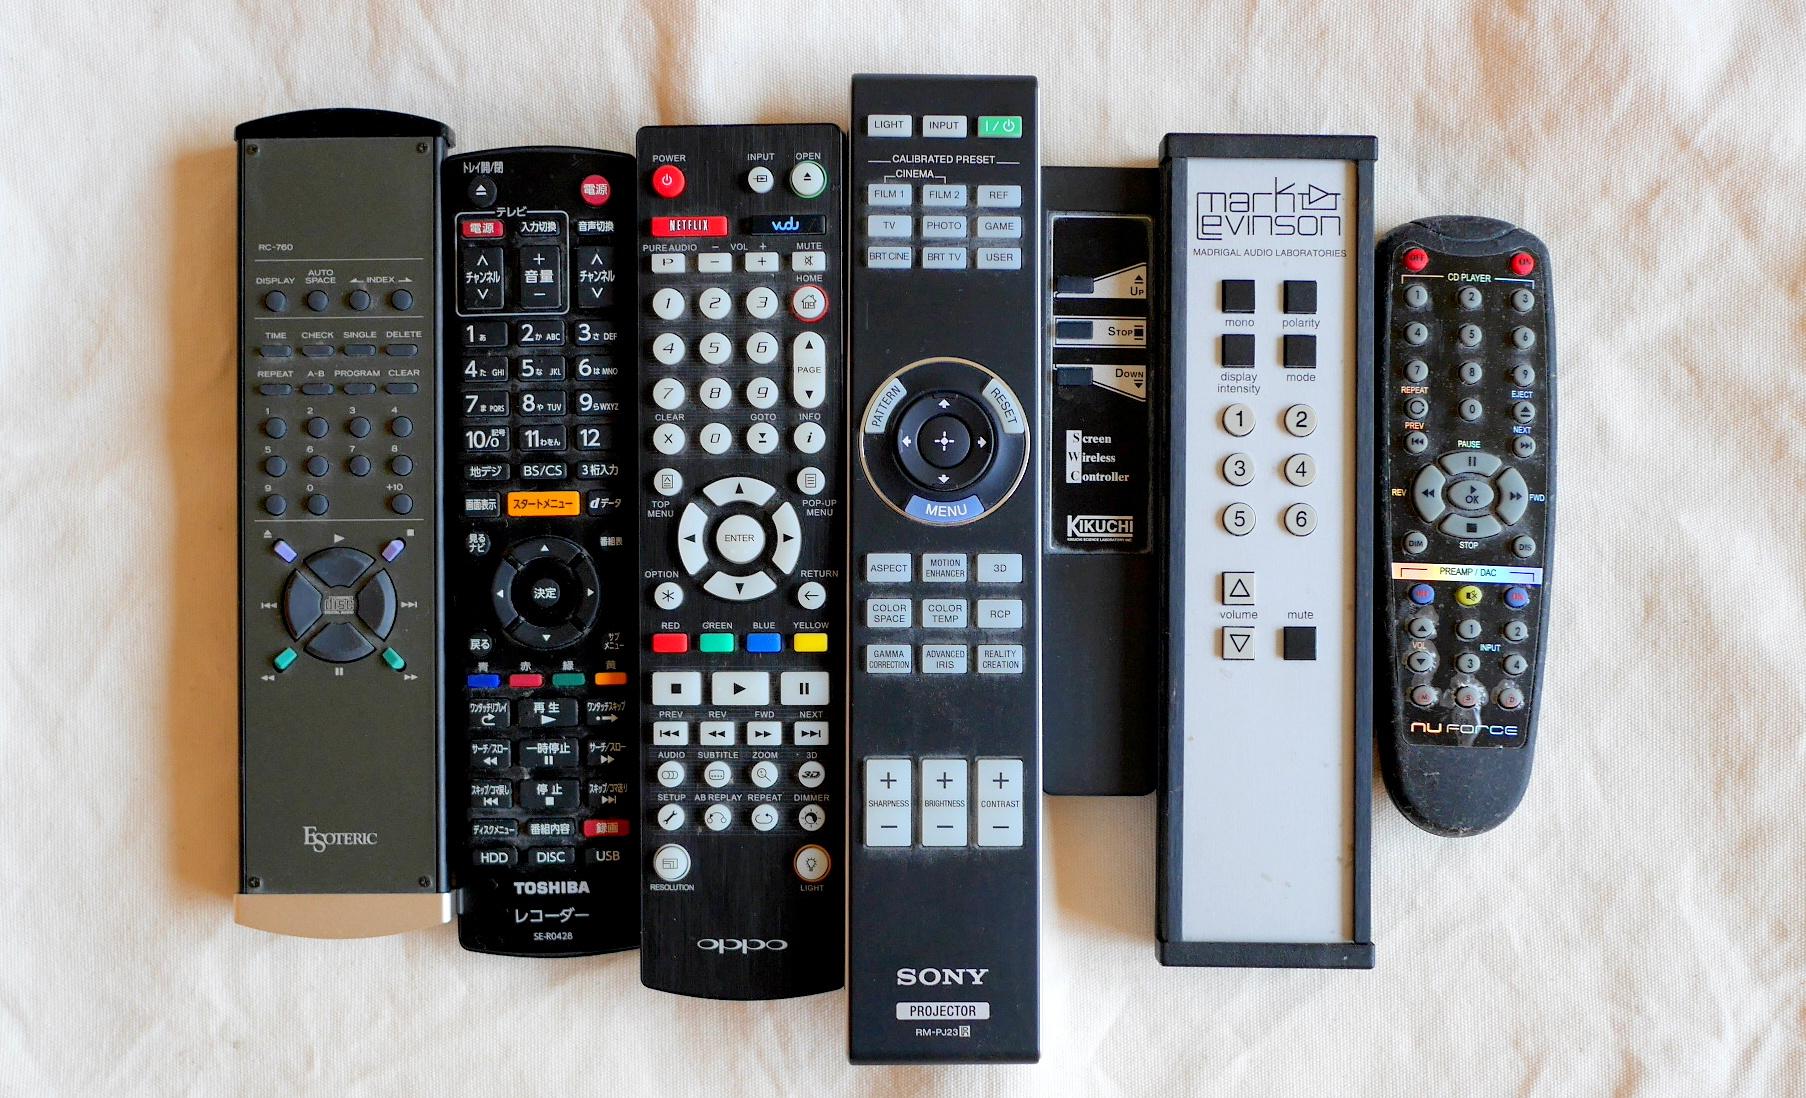 オーディオやシアタールームをスマートリモコン化する / SwitchBot、Nature Remo を活用しアンプやAV機器類、スクリーンをスマート化